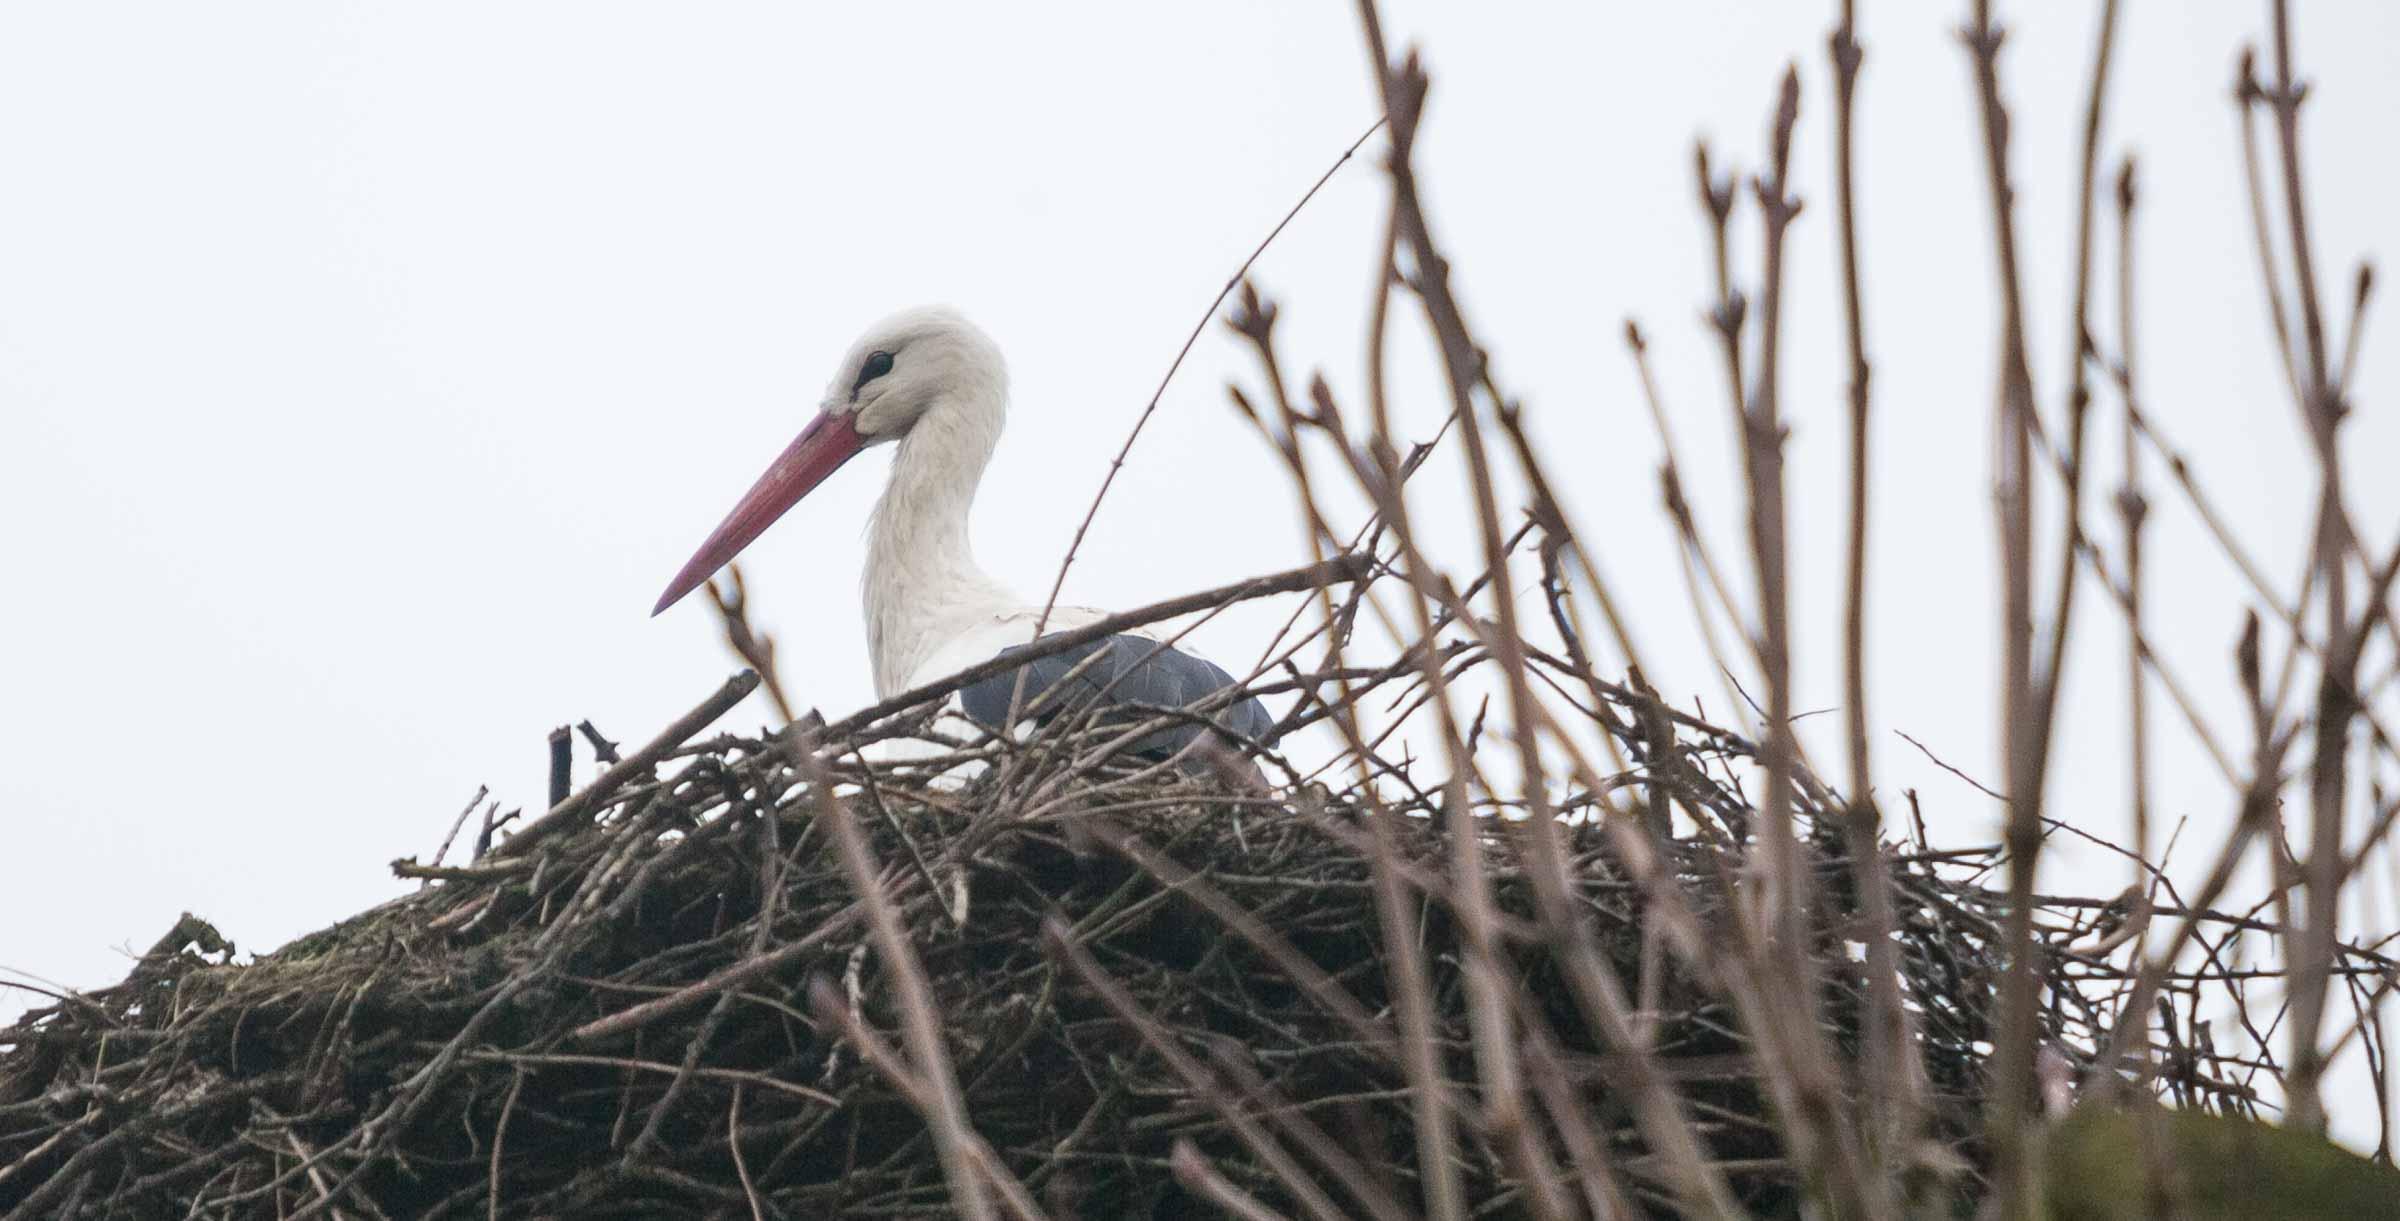 Erste Frühlingsboten kündigen ein zeitiges Frühjahr an – in Großharrie im Kreis Plön ist der erste Storch aus dem Winterrevier zurückgekehrt